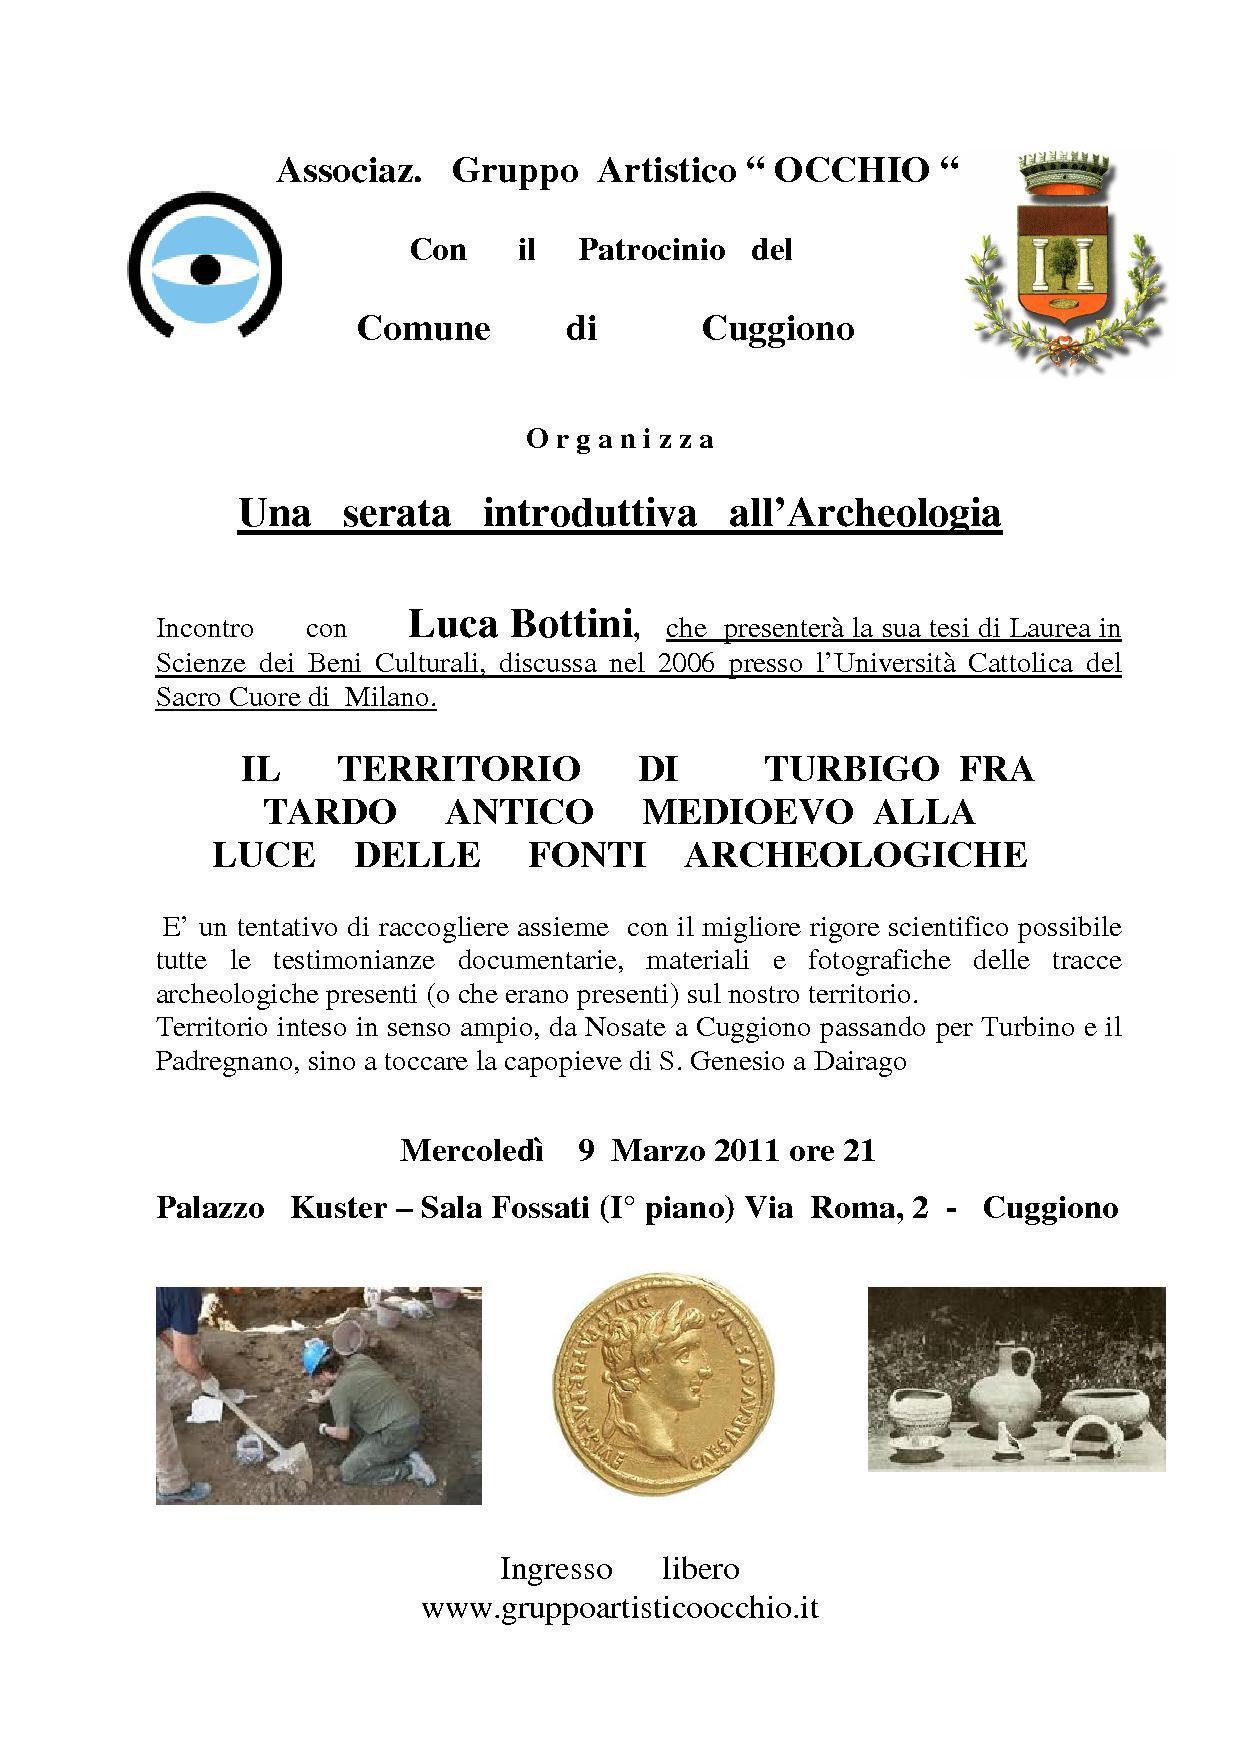 Archivio storico delle Locandine